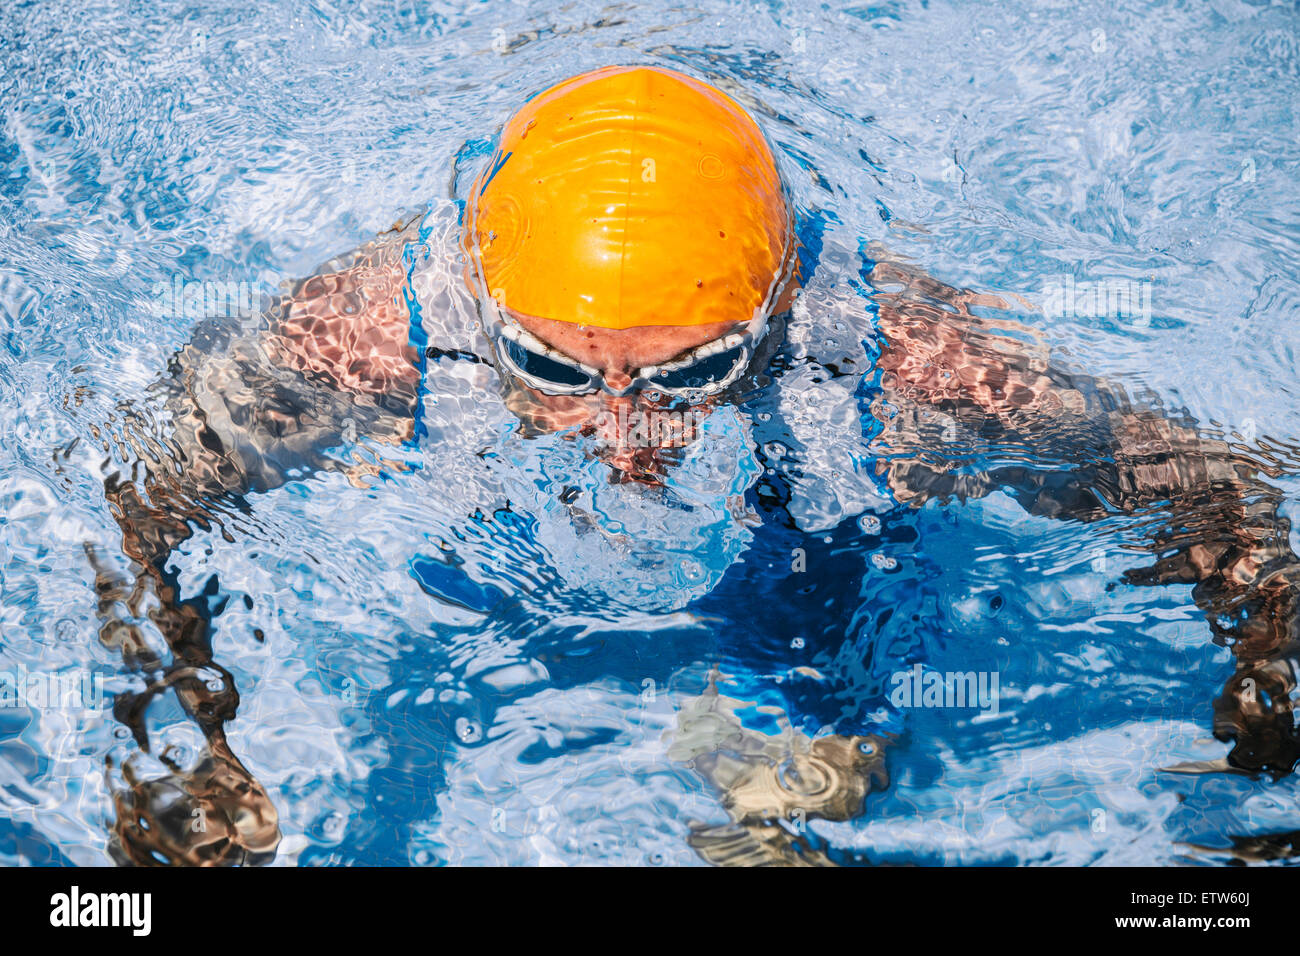 Espagne, Majorque, Sa Coma, triathlet nageur qui monte de l'eau Photo Stock